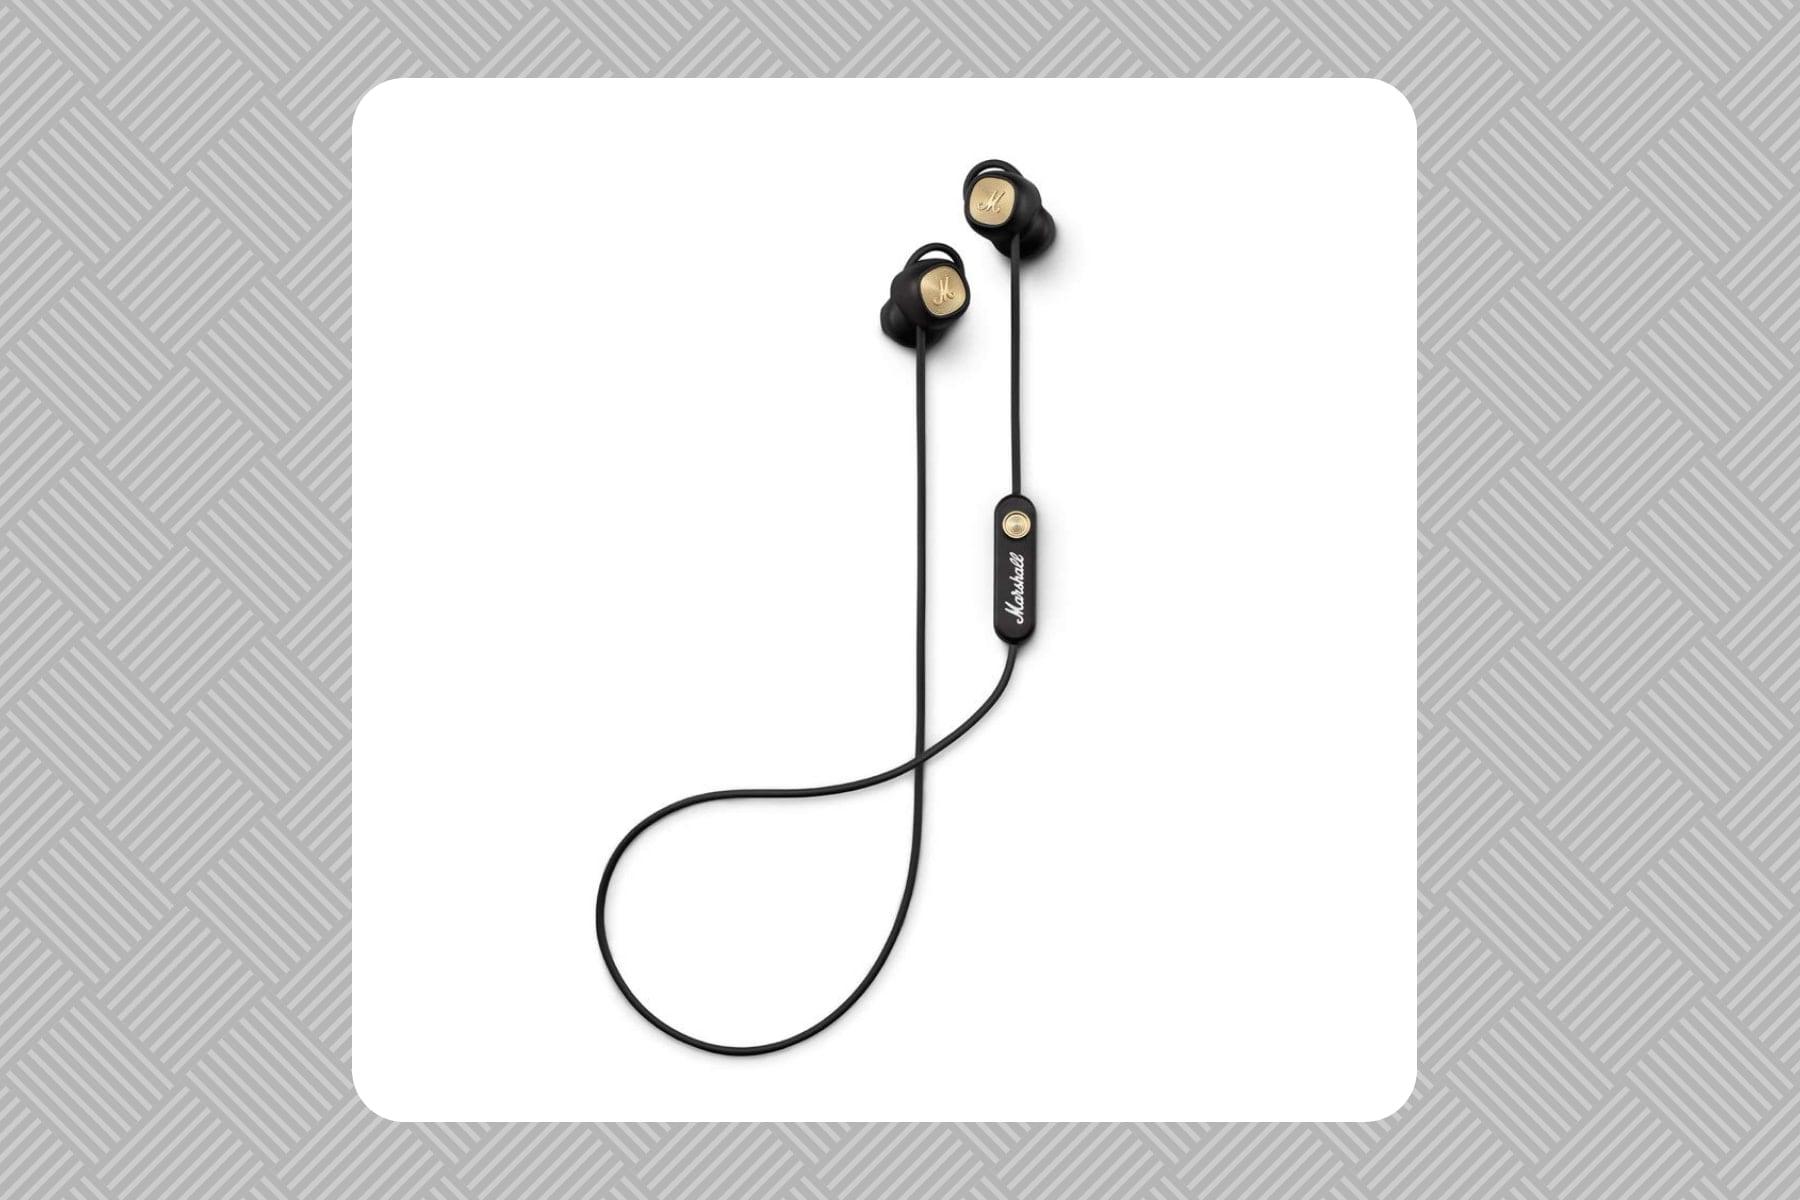 Marshall Minor II: sconto Amazon per rockeggiare con le cuffiette Bluetooth 5.0 - image offerta-amazom-marshal-minor-2-23-agosto-2019 on https://www.zxbyte.com